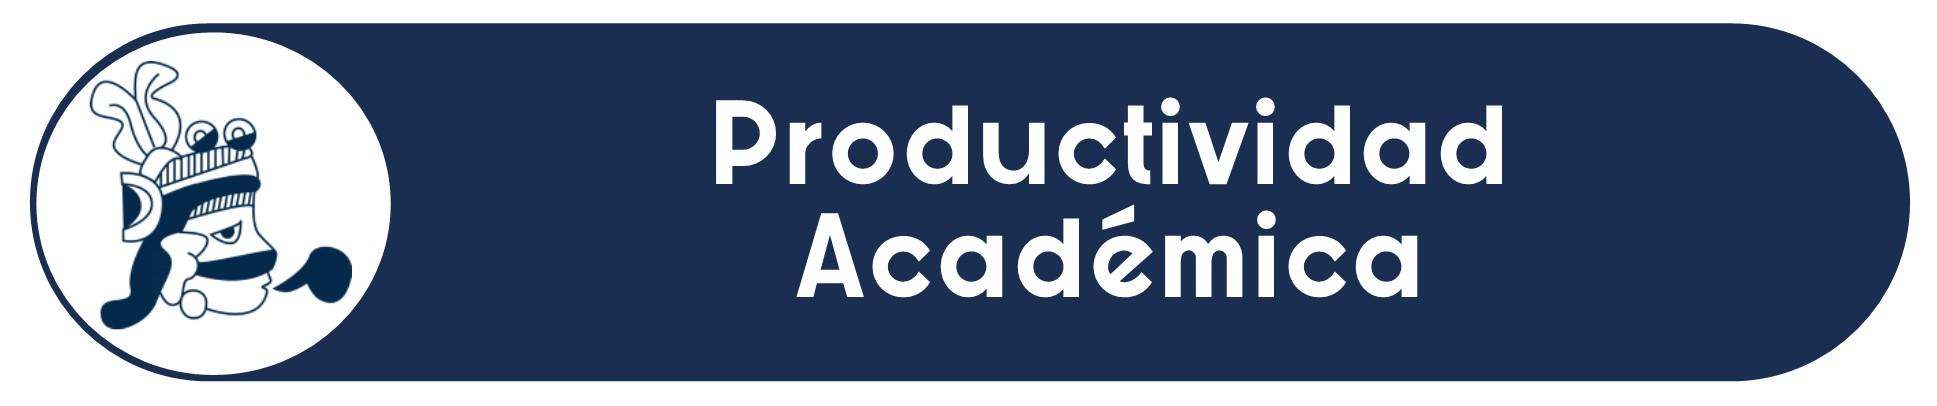 Productividad Académica